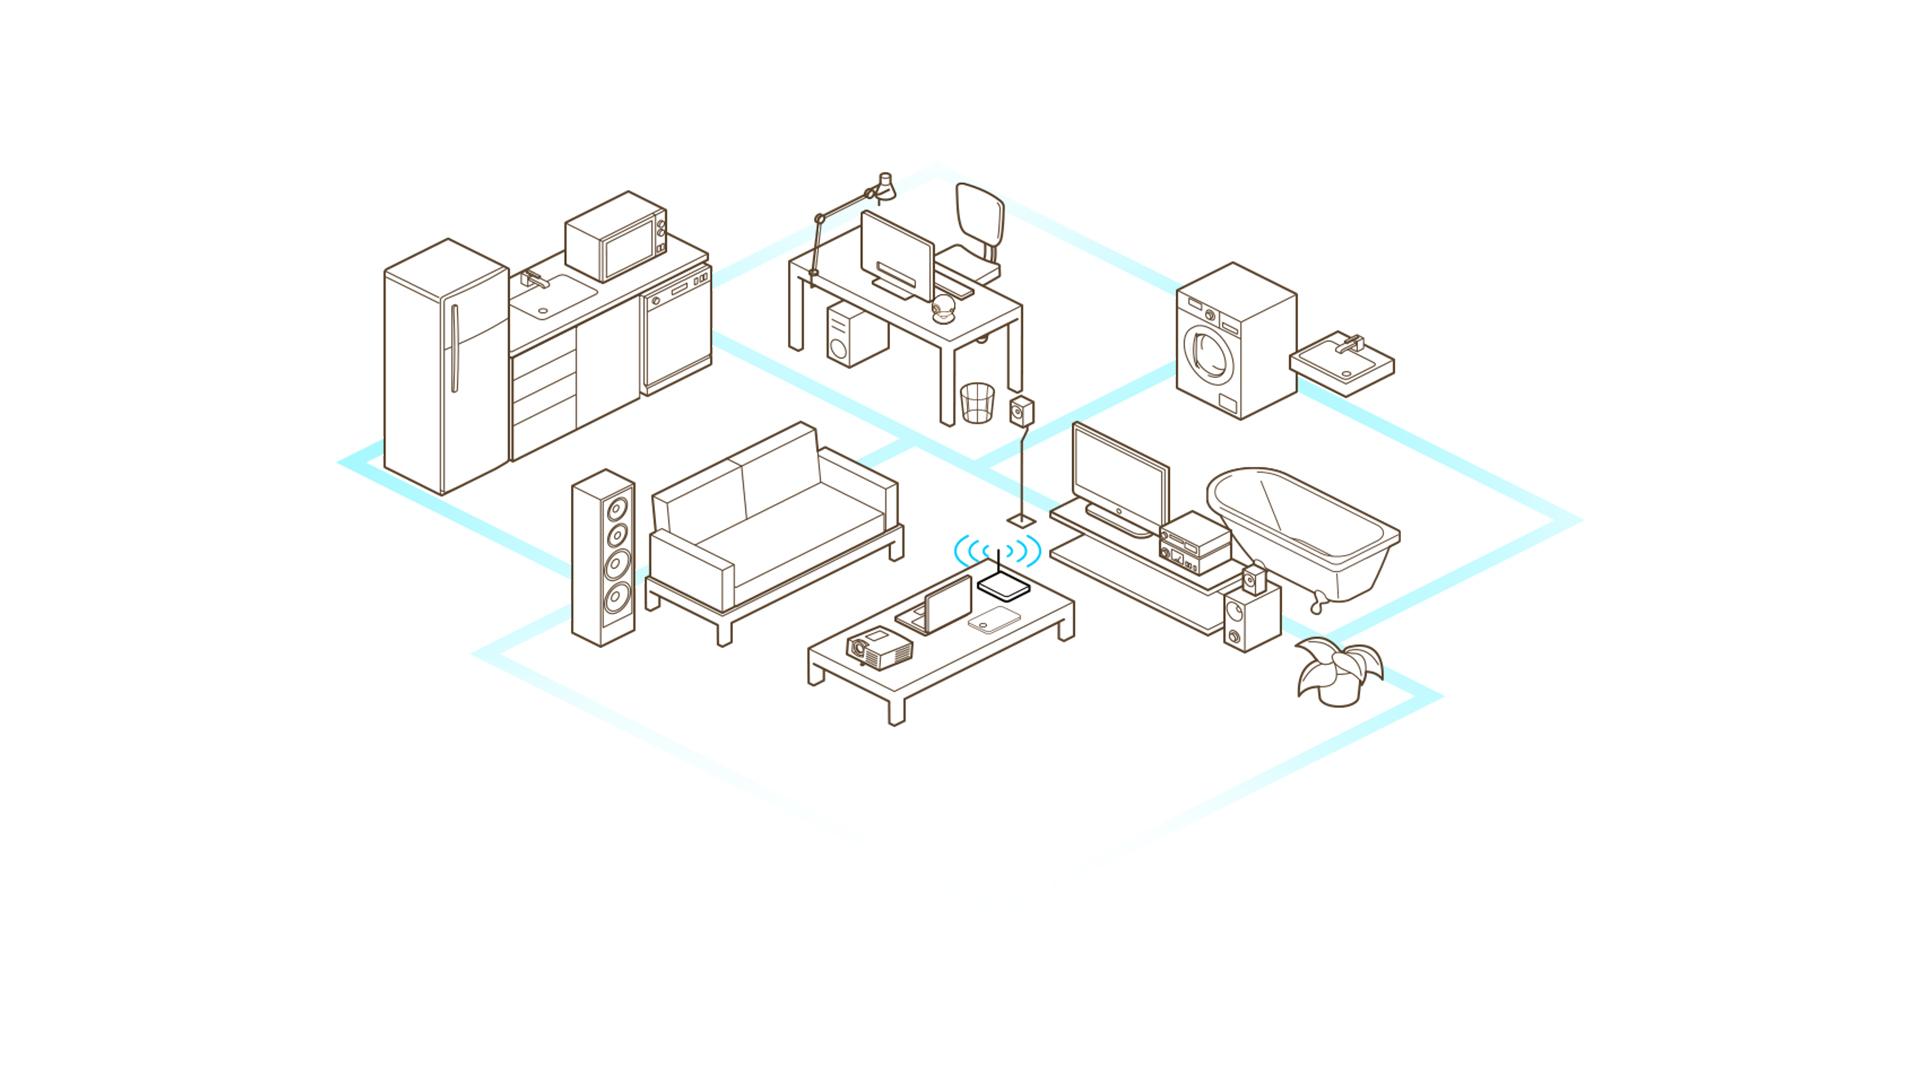 Bien choisir ses objets connectés pour garantir sa sécurité